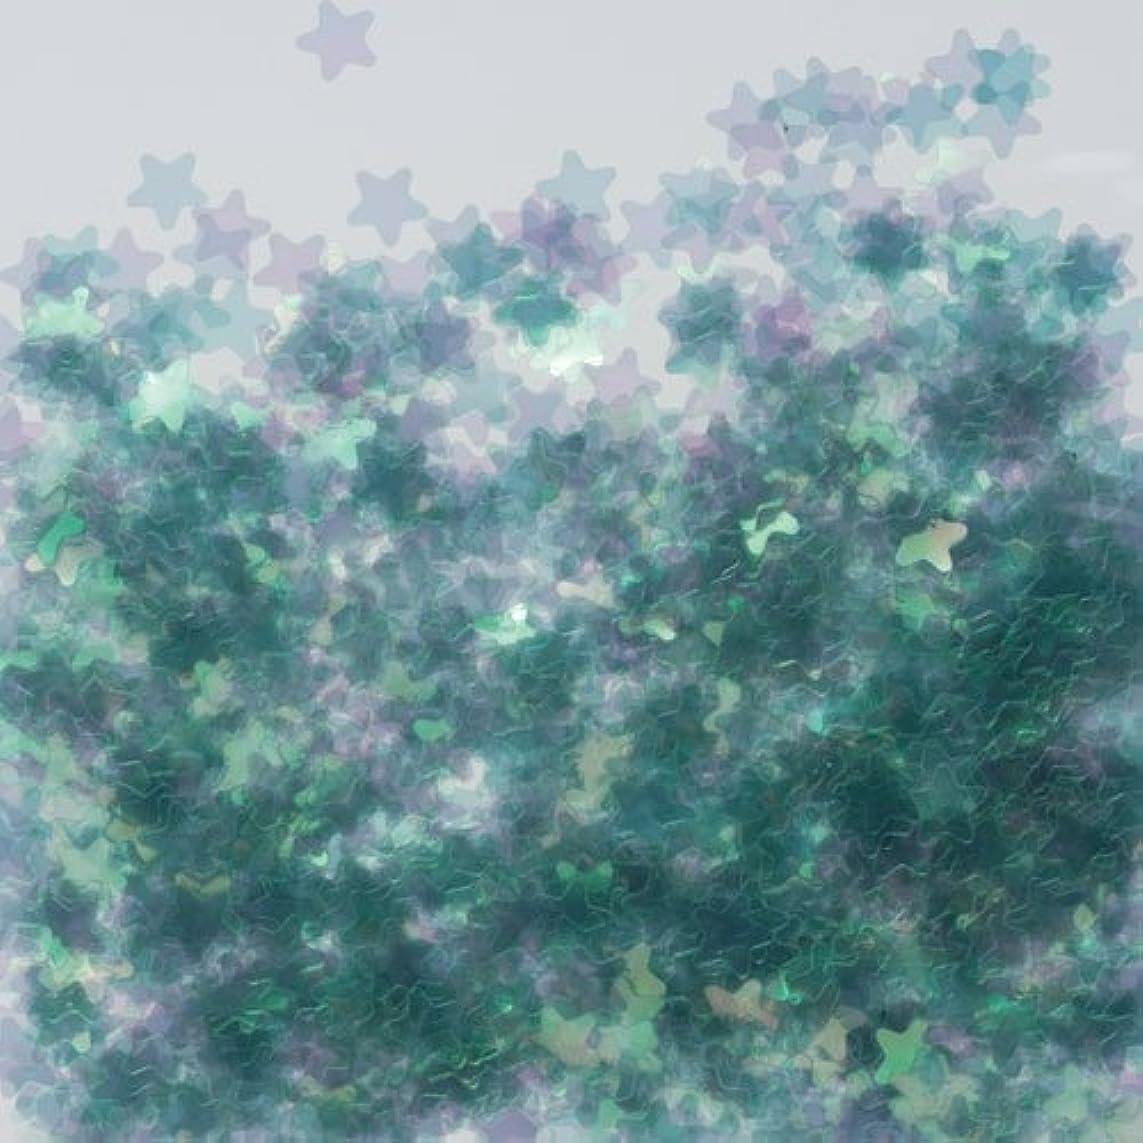 腐ったデモンストレーションしつけピカエース ネイル用パウダー 星オーロラ 耐溶剤 #770 グリーン 0.5g